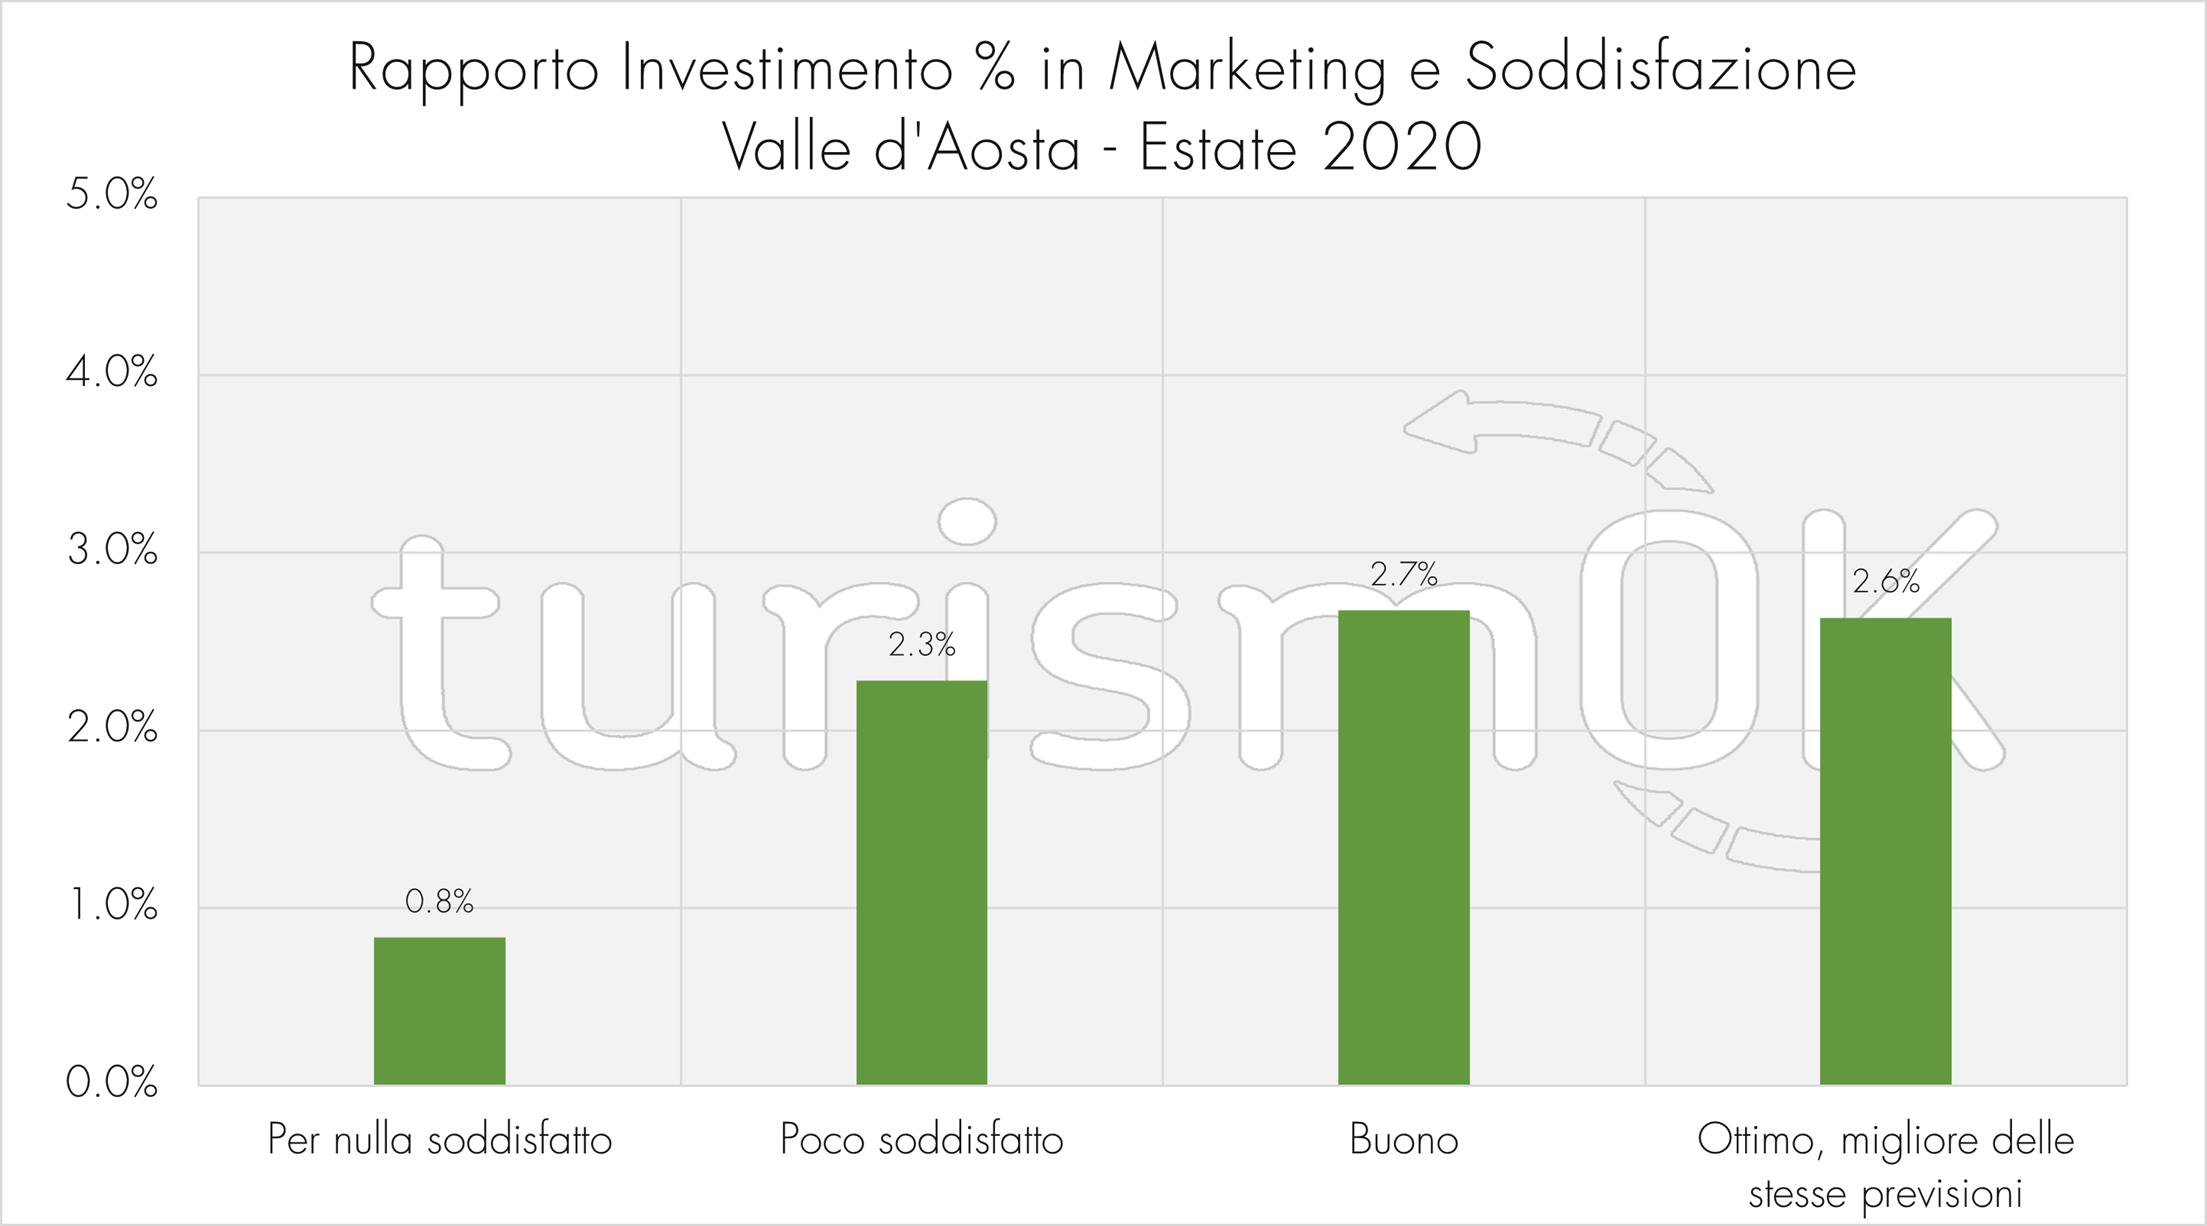 Rapporto investimento percentuale marketing soddisfazione osservatorio turistico Valle d Aosta turismOK indagine estiva 2020